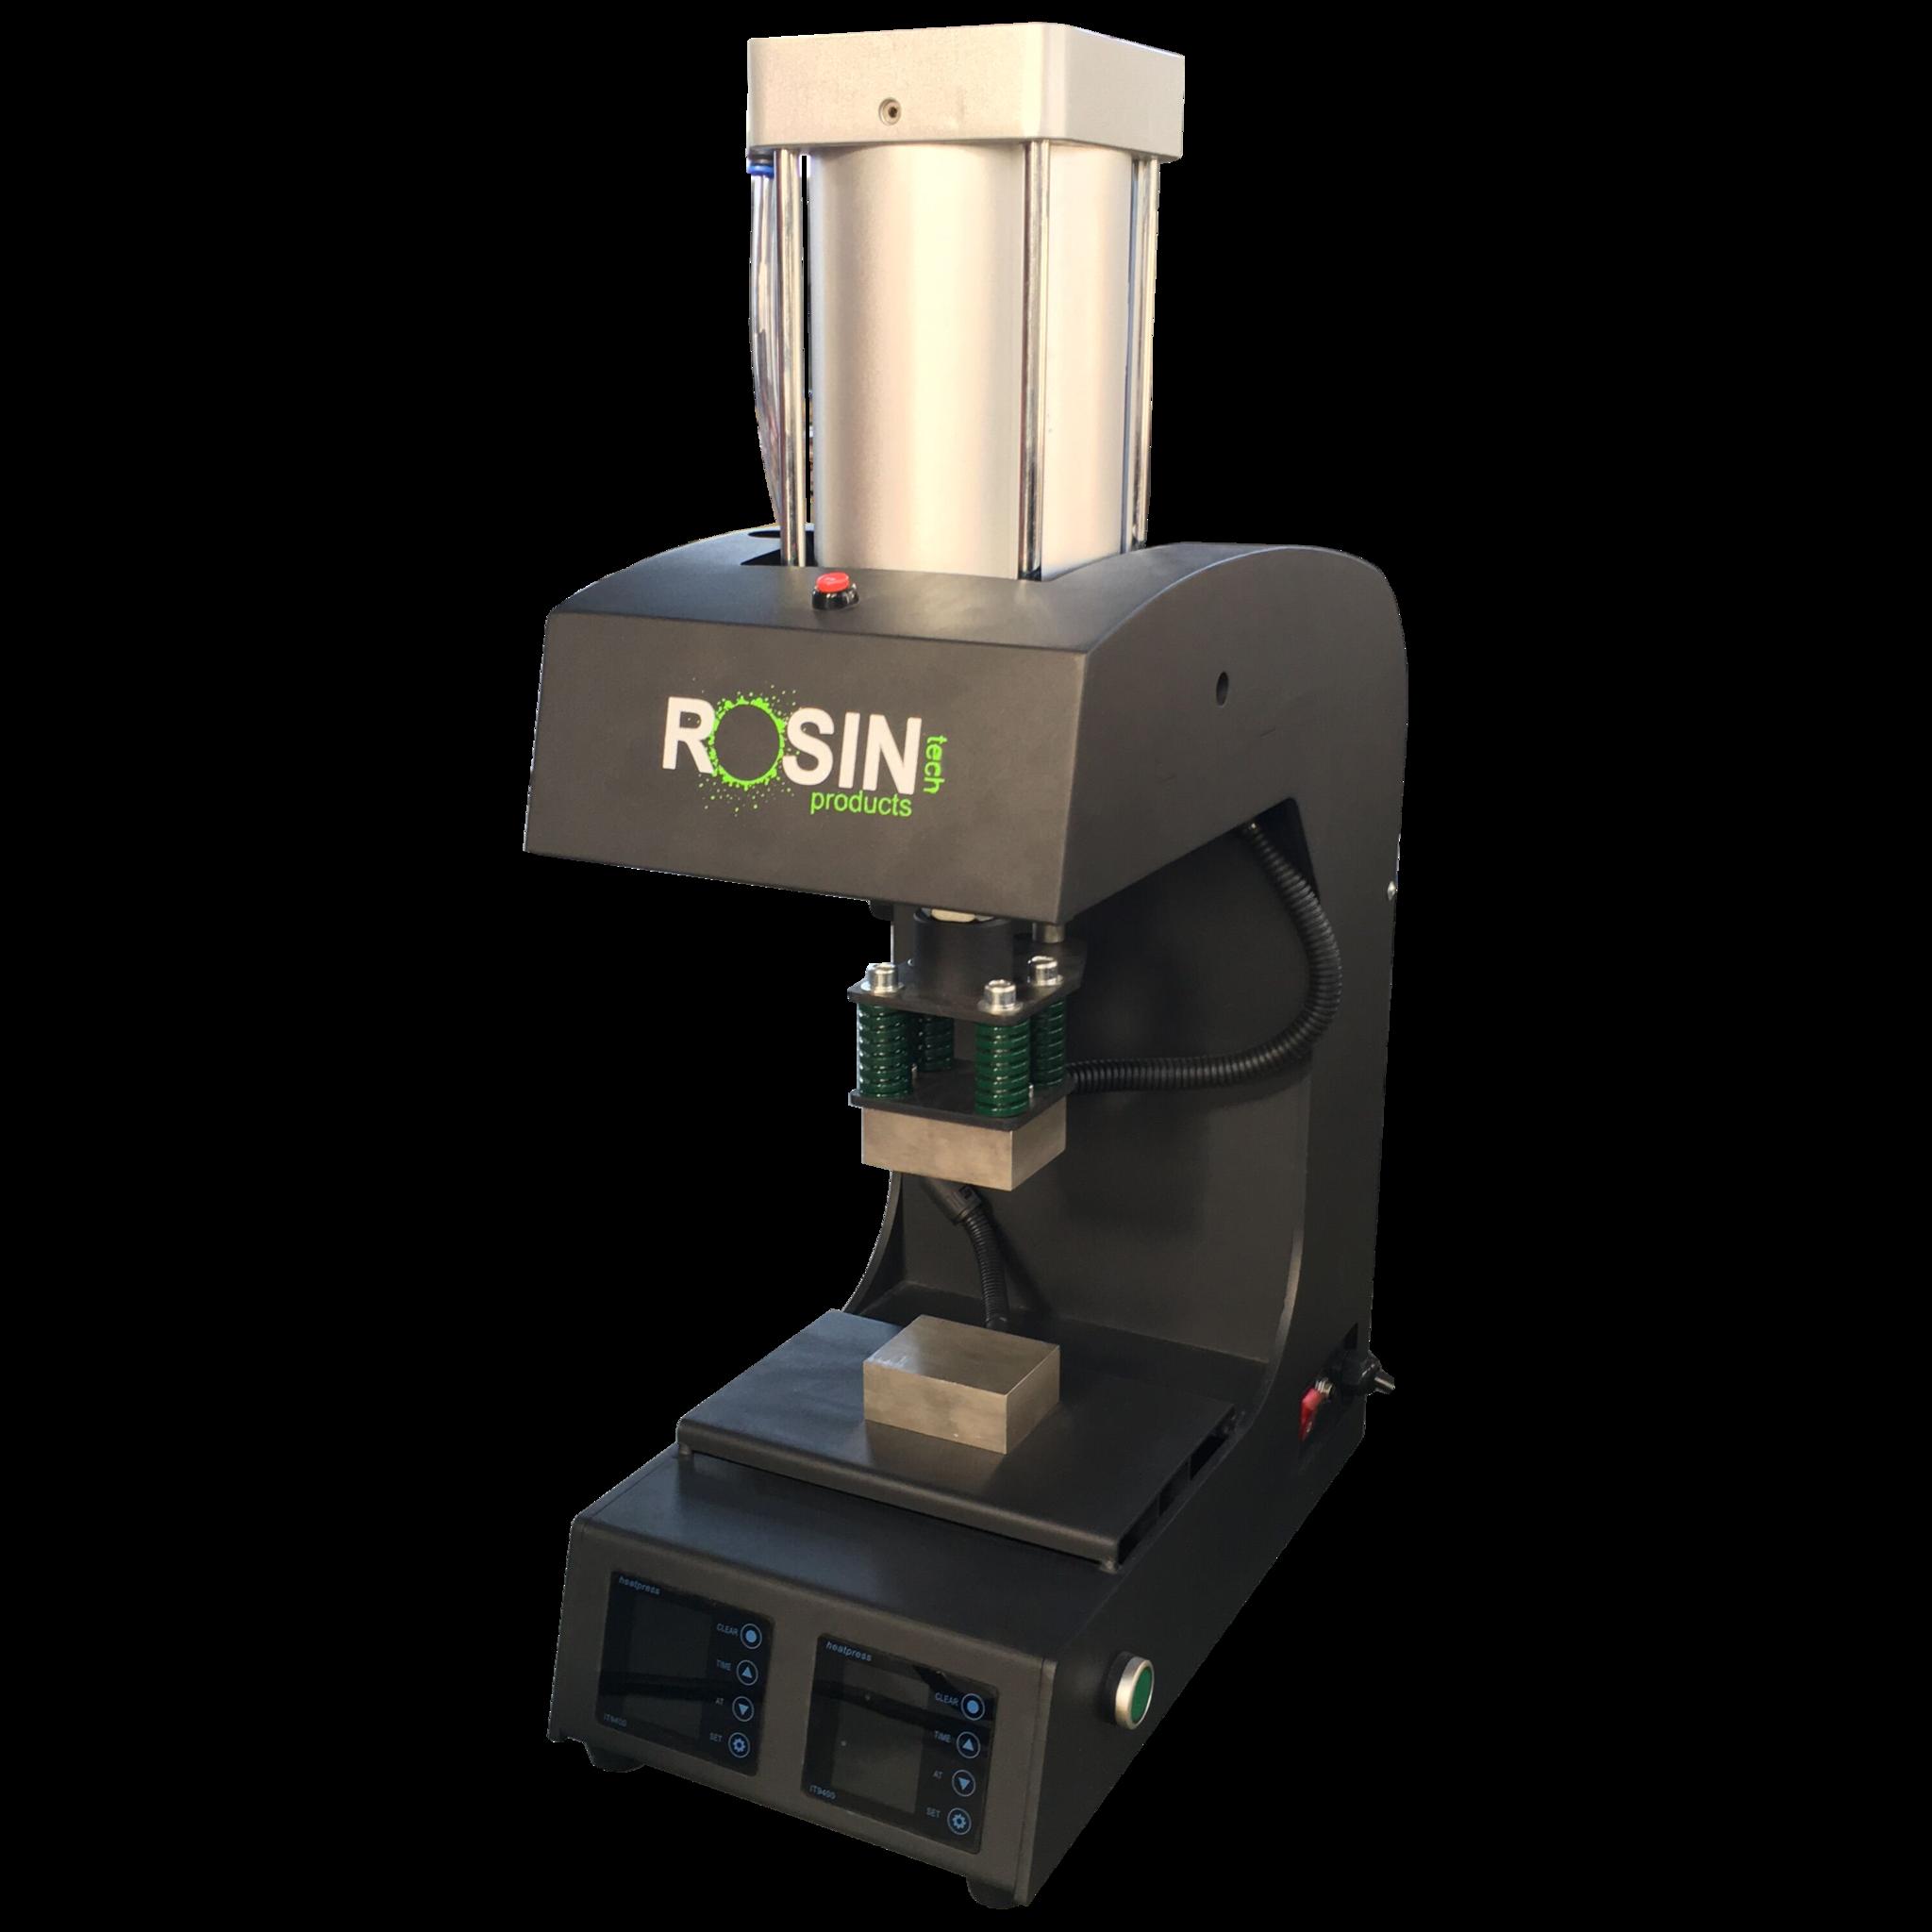 Pneumatic Rosin Press 4 X 8 Heat Press